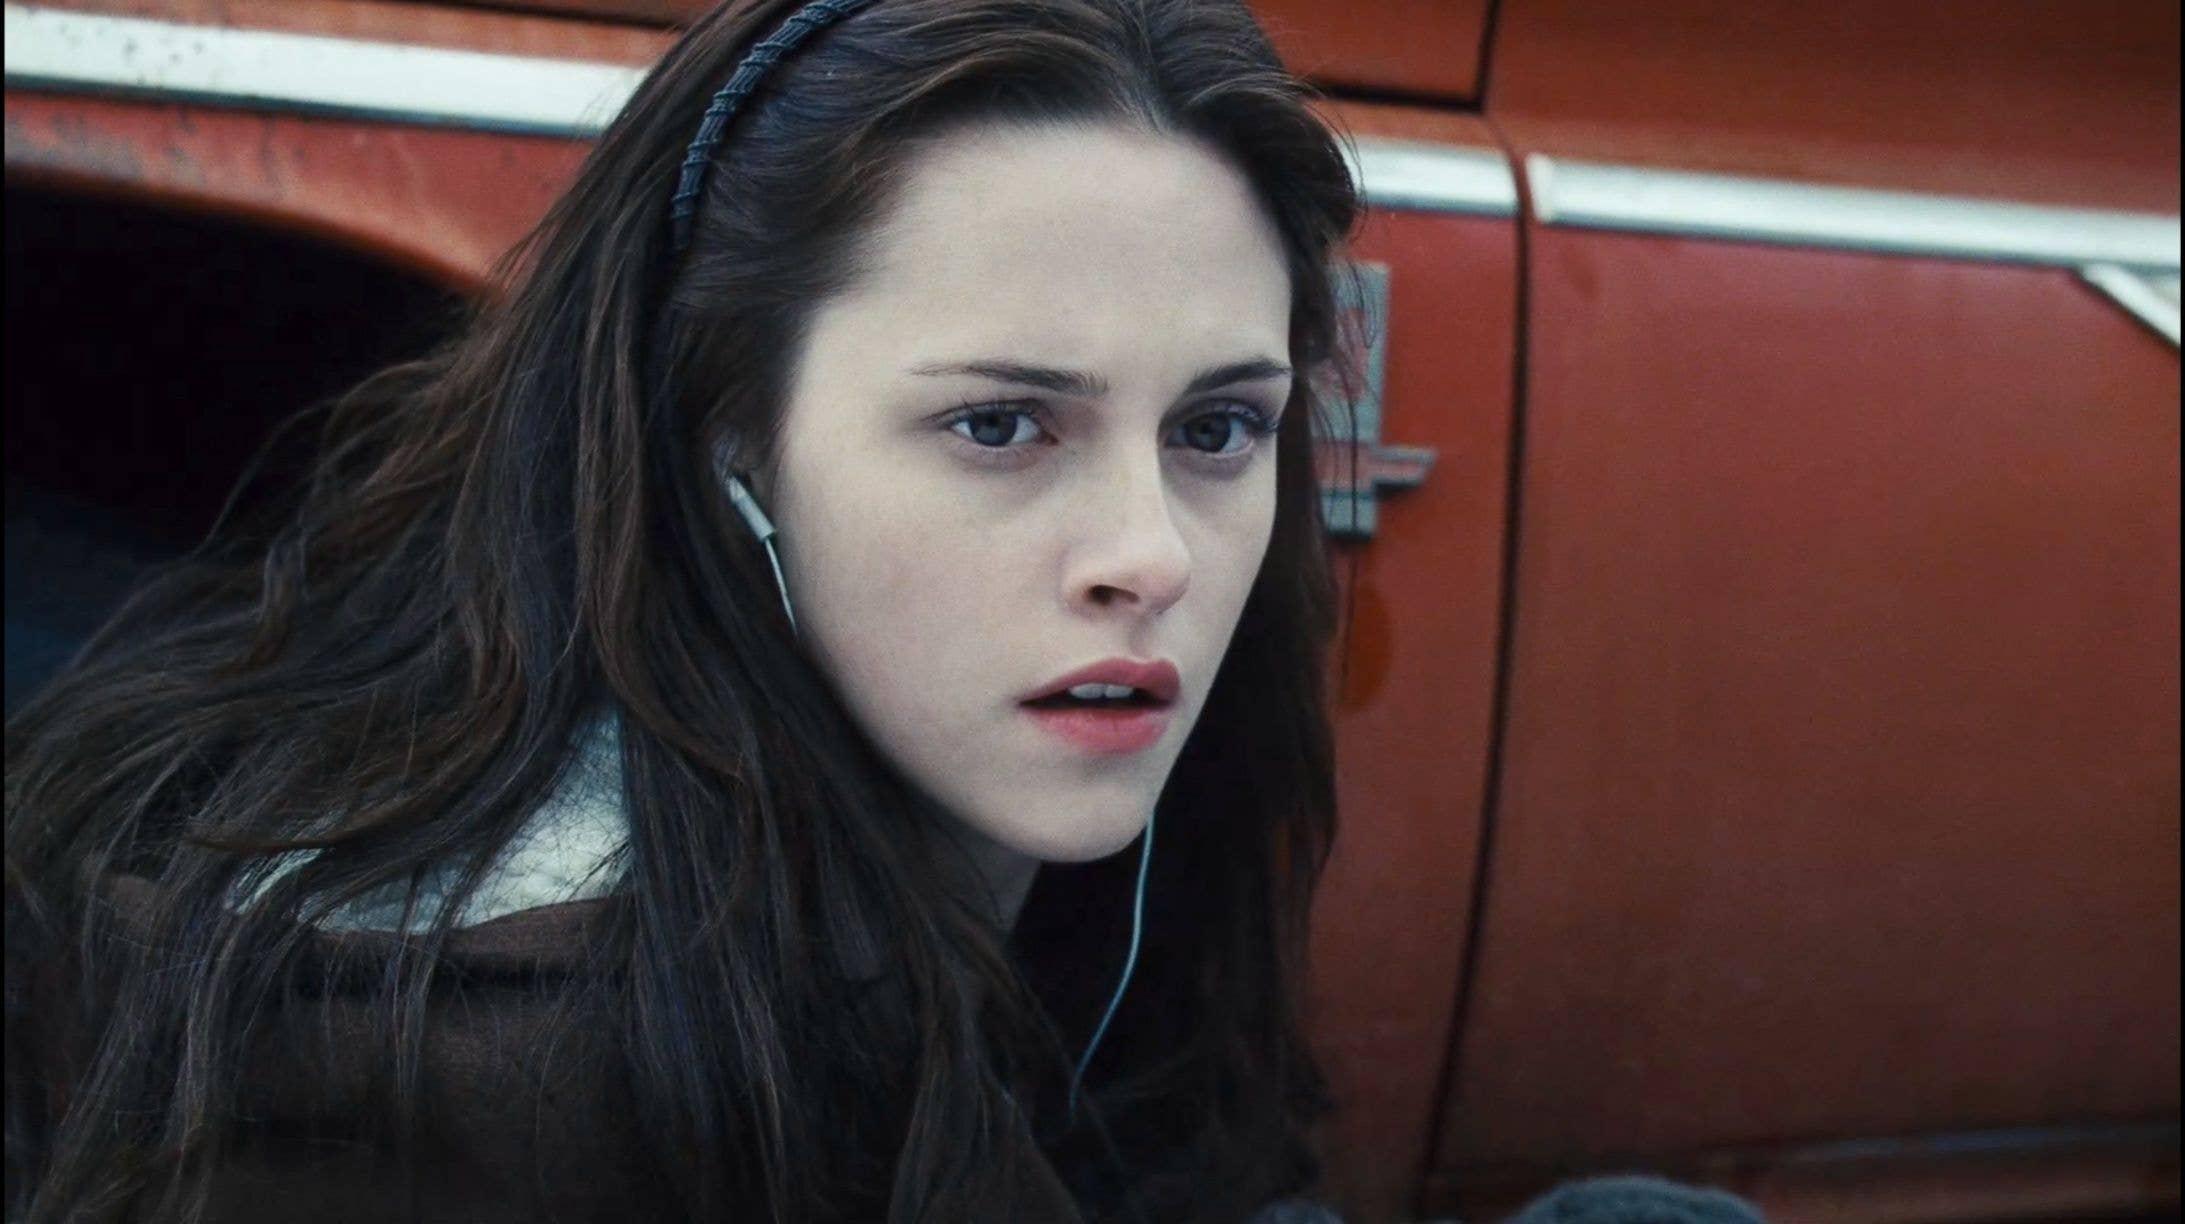 У мережі з'явилось епічне відео з усіма зітханнями Белли з Сутінок (ВІДЕО)